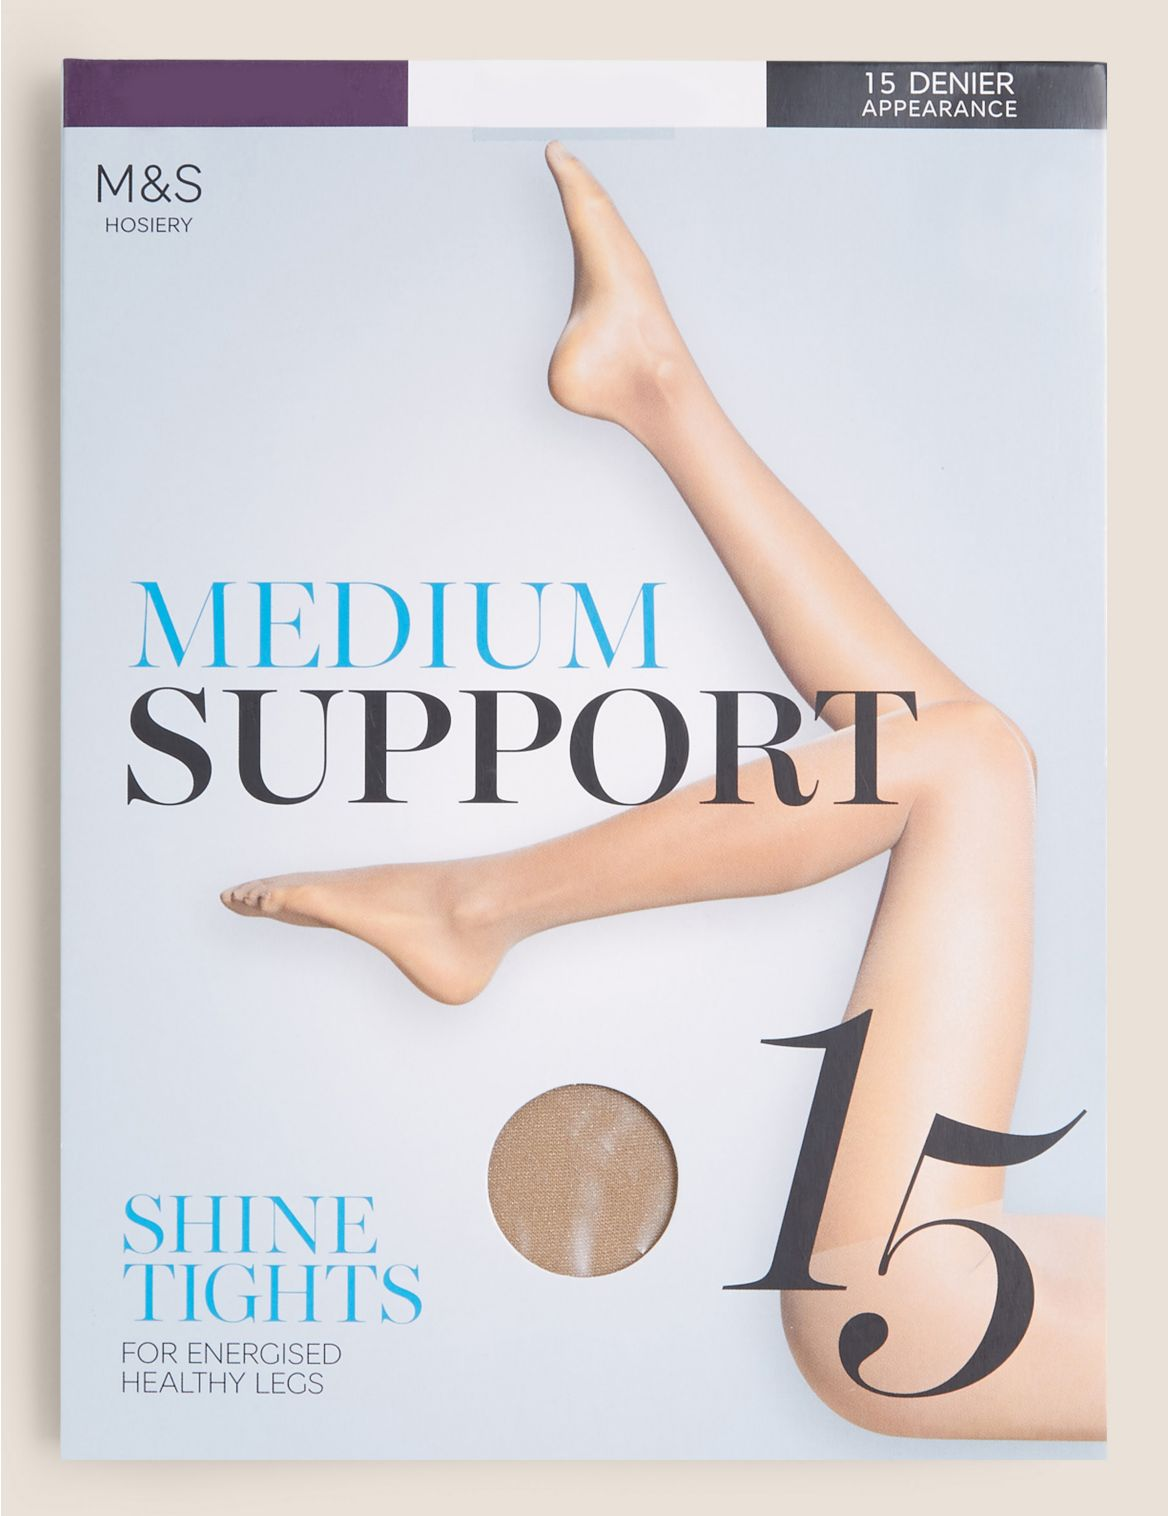 15 Denier Medium Support Sheer Tights illusion